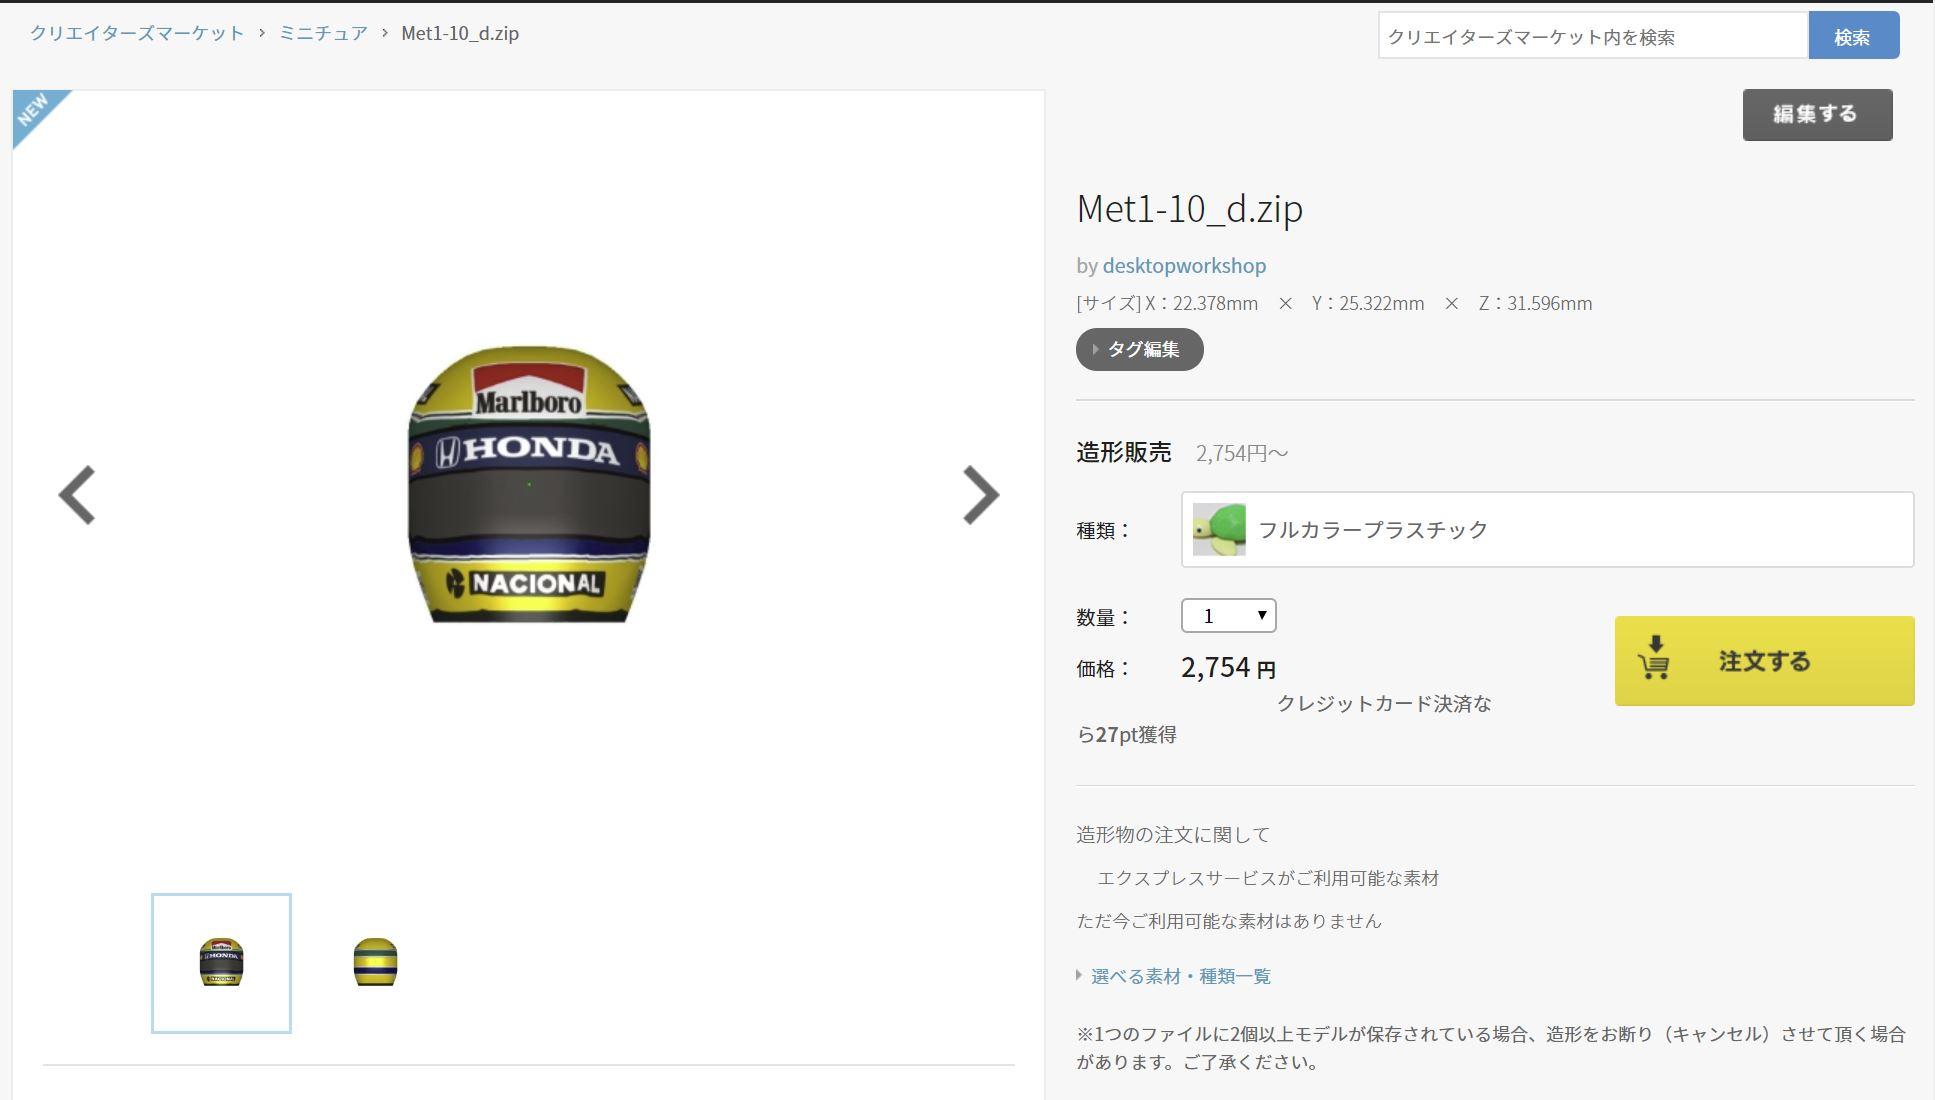 フルカラー3Dプリント1/10用ヘルメットの価格